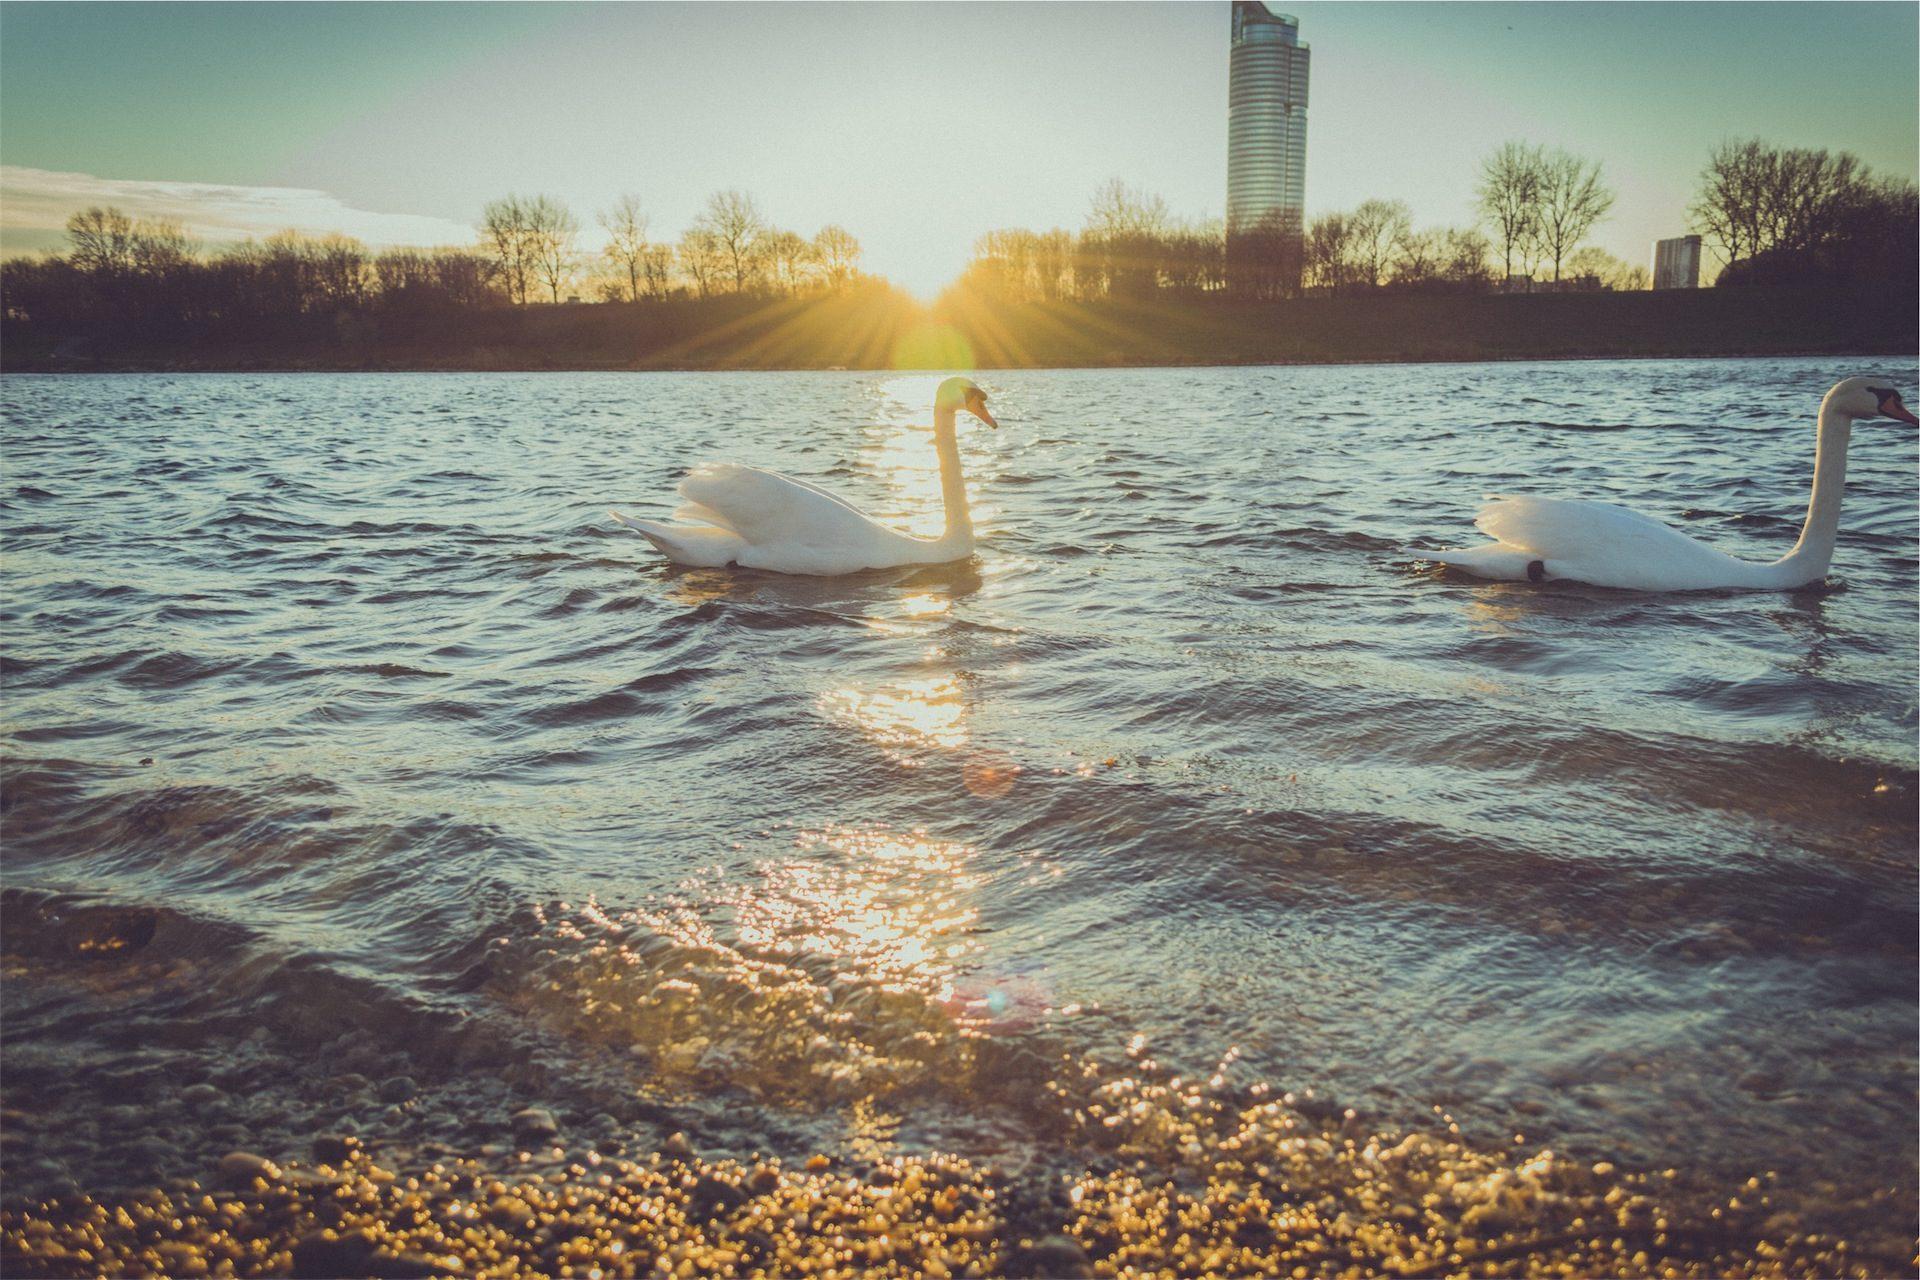 झील, पार्क, शहर, हंसों, पानी, सूर्यास्त - HD वॉलपेपर - प्रोफेसर-falken.com